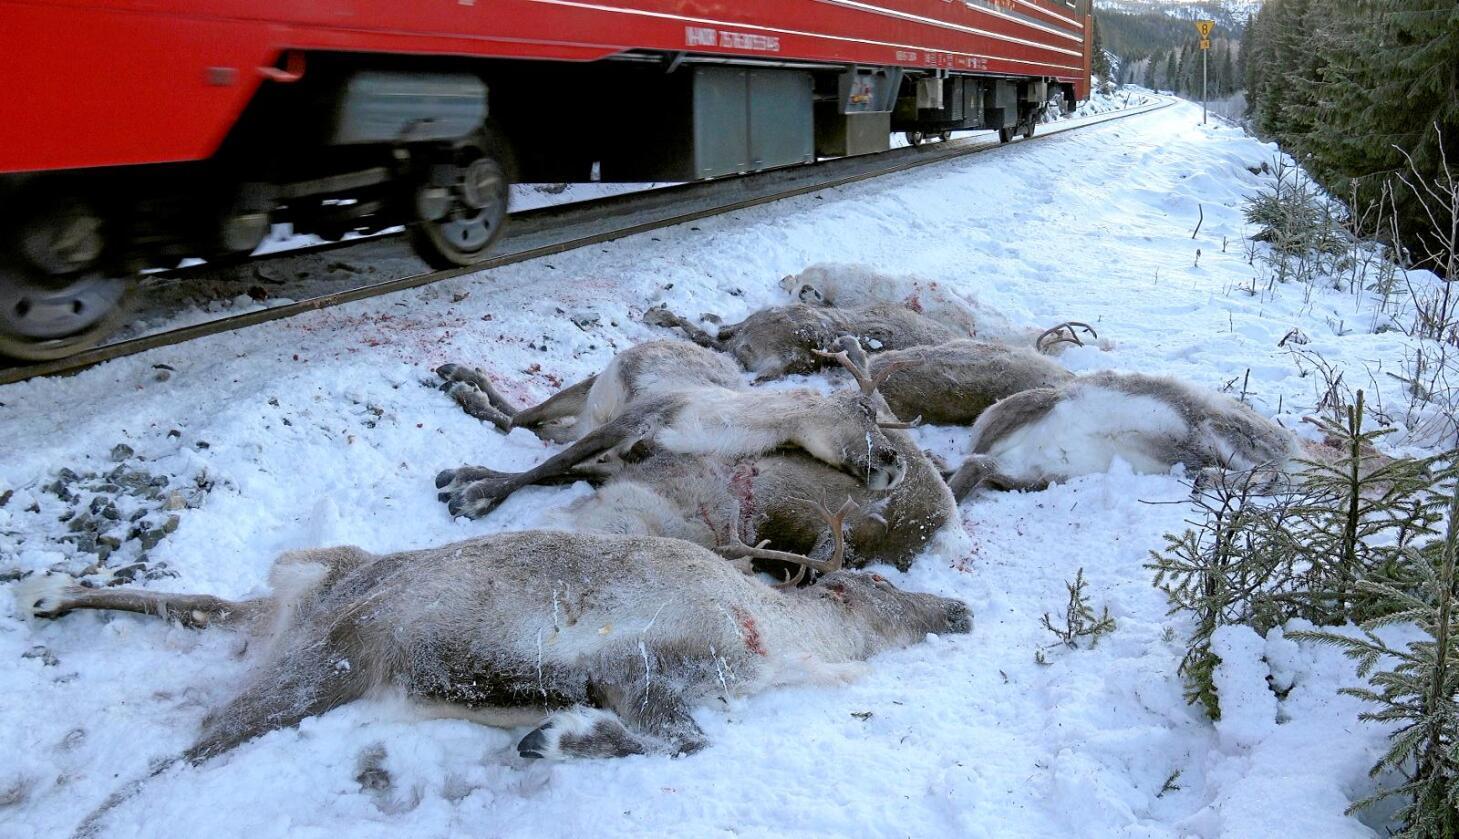 Døde dyr: 110 reinsdyr ble påkjørt og drept av toget sist uke. Foto:John Erling Utsi/Scanpix